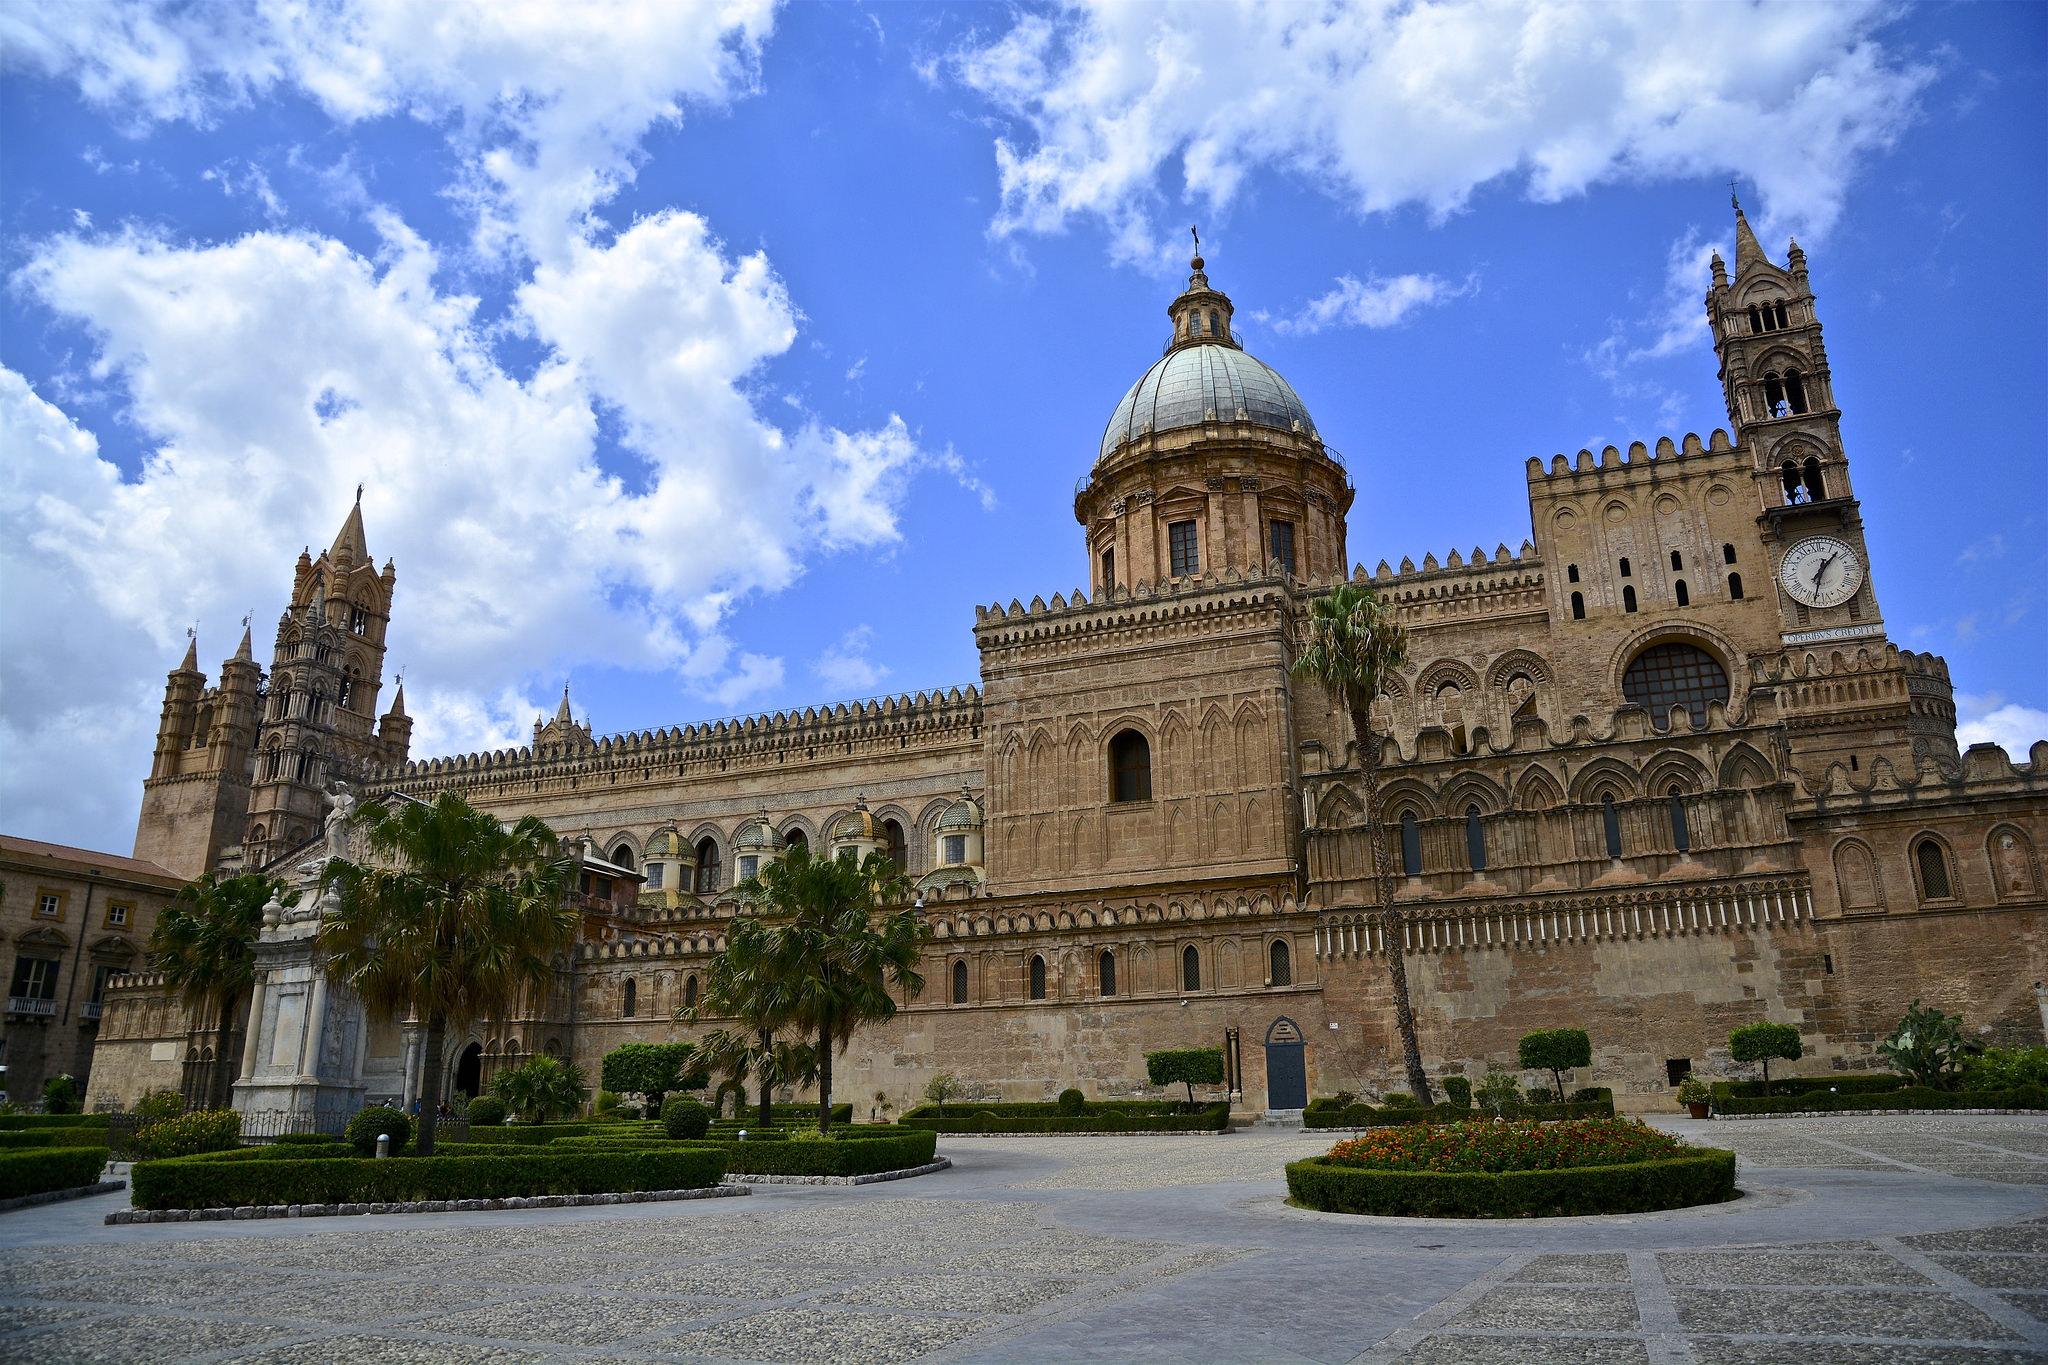 wycieczka objazdowa po Sycylii, Katedra w Palermo, Palermo, Sycylia, Wycieczka objazdowa po Sycylii, Sycylia, Sicilia, Sizilien, wycieczka na Sycylię, wycieczka Sycylia, Sycylia wycieczka, Sycylia w tydzień, objazdówka po Sycylii, co zobaczyć na Sycylii, wyjazd na Sycylię